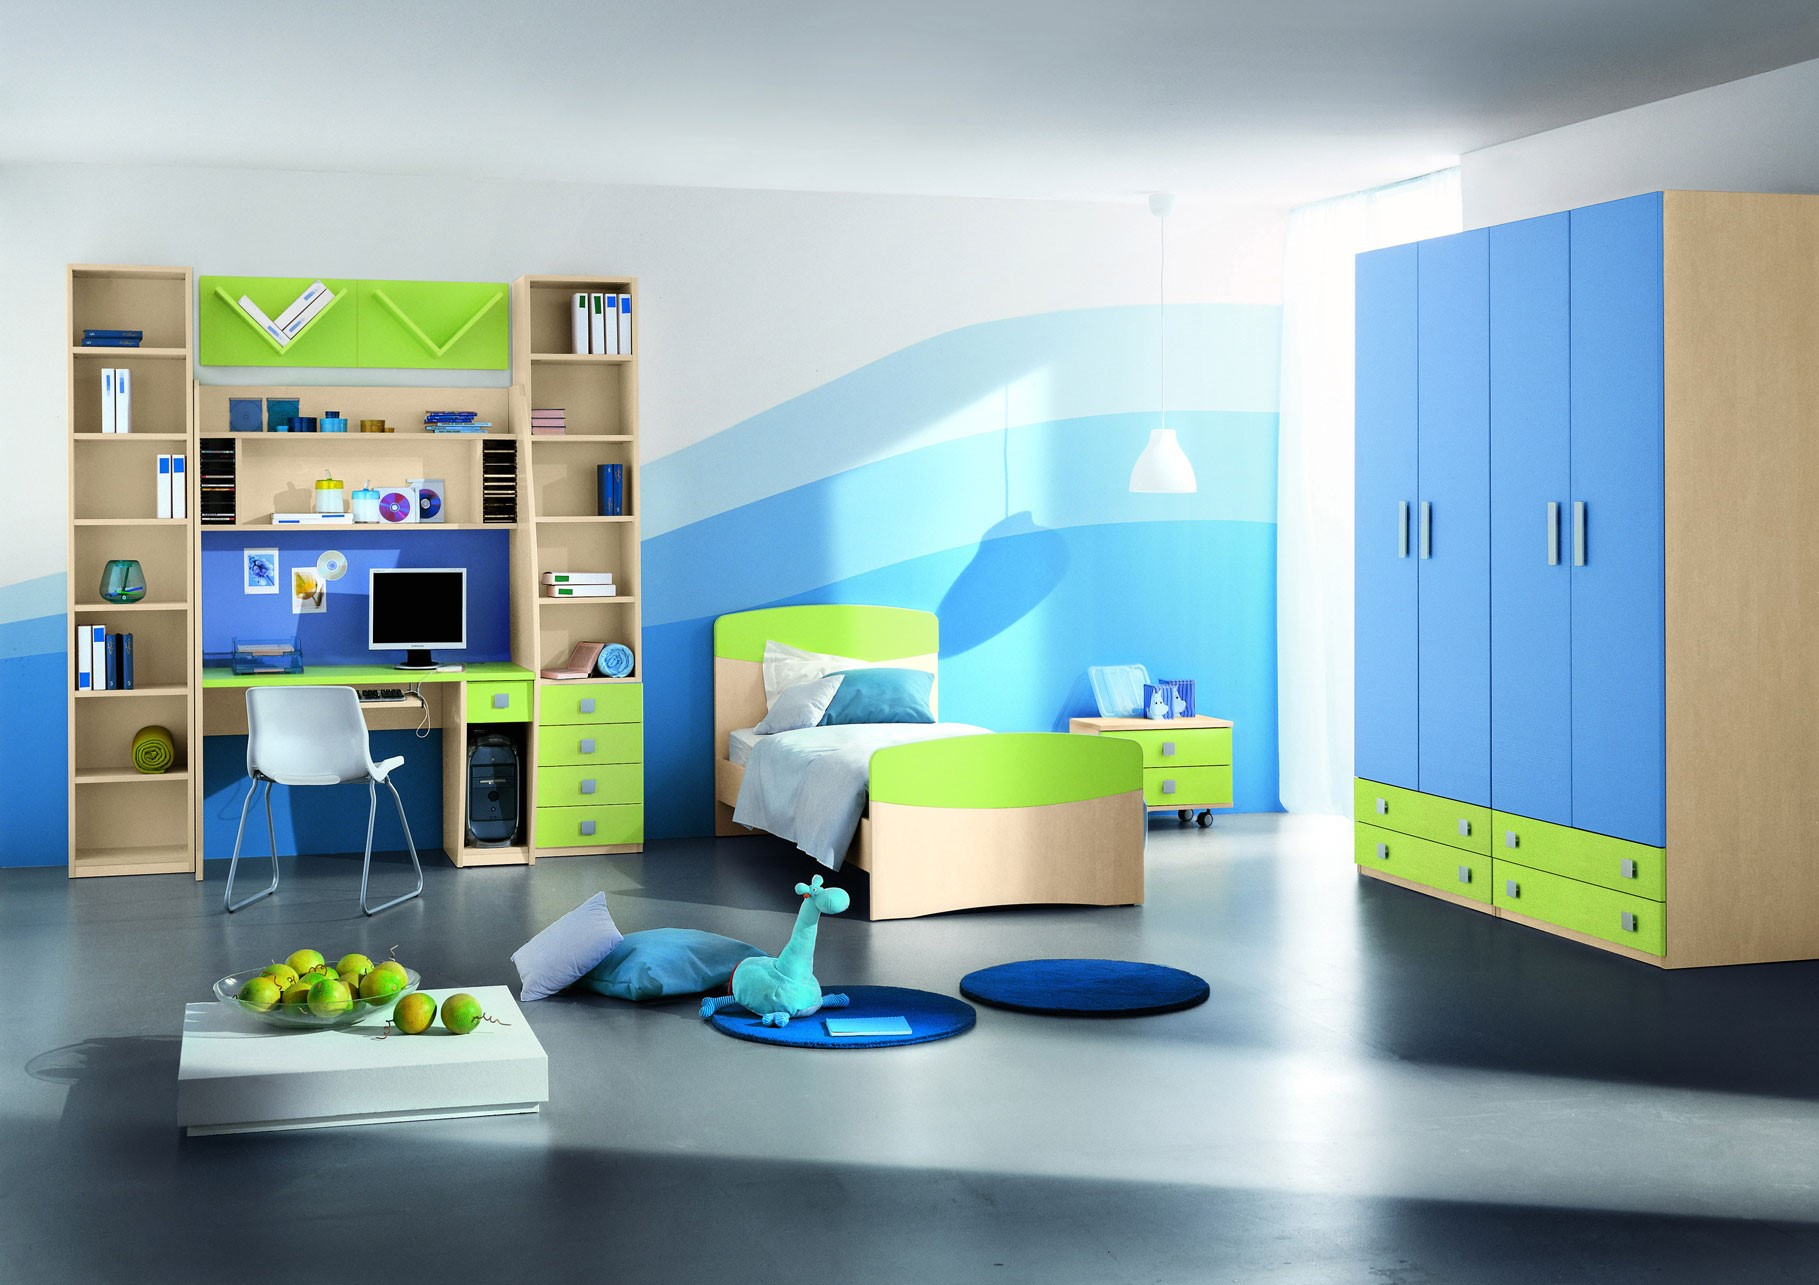 بالصور دهانات غرف اطفال , اجمل الوان دهان لغرف الاطفال 3539 5